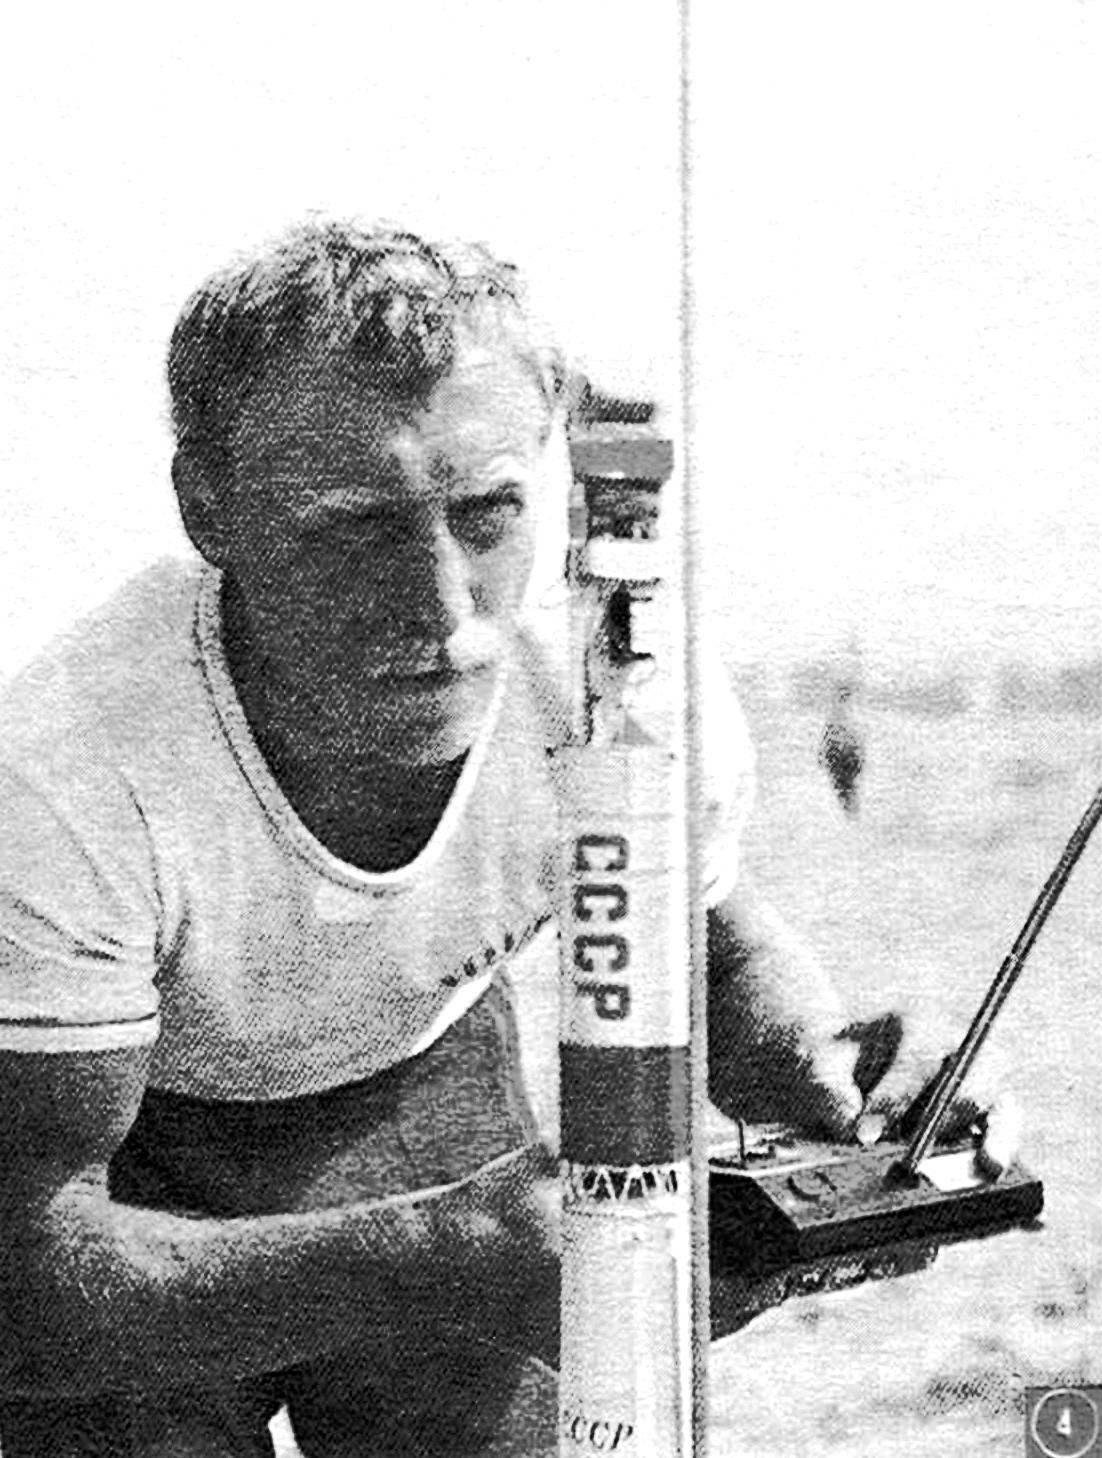 Чемпион мира в классе моделей-копий А. Корчагин из сборной Казахской ССР перед запуском своей ракеты.